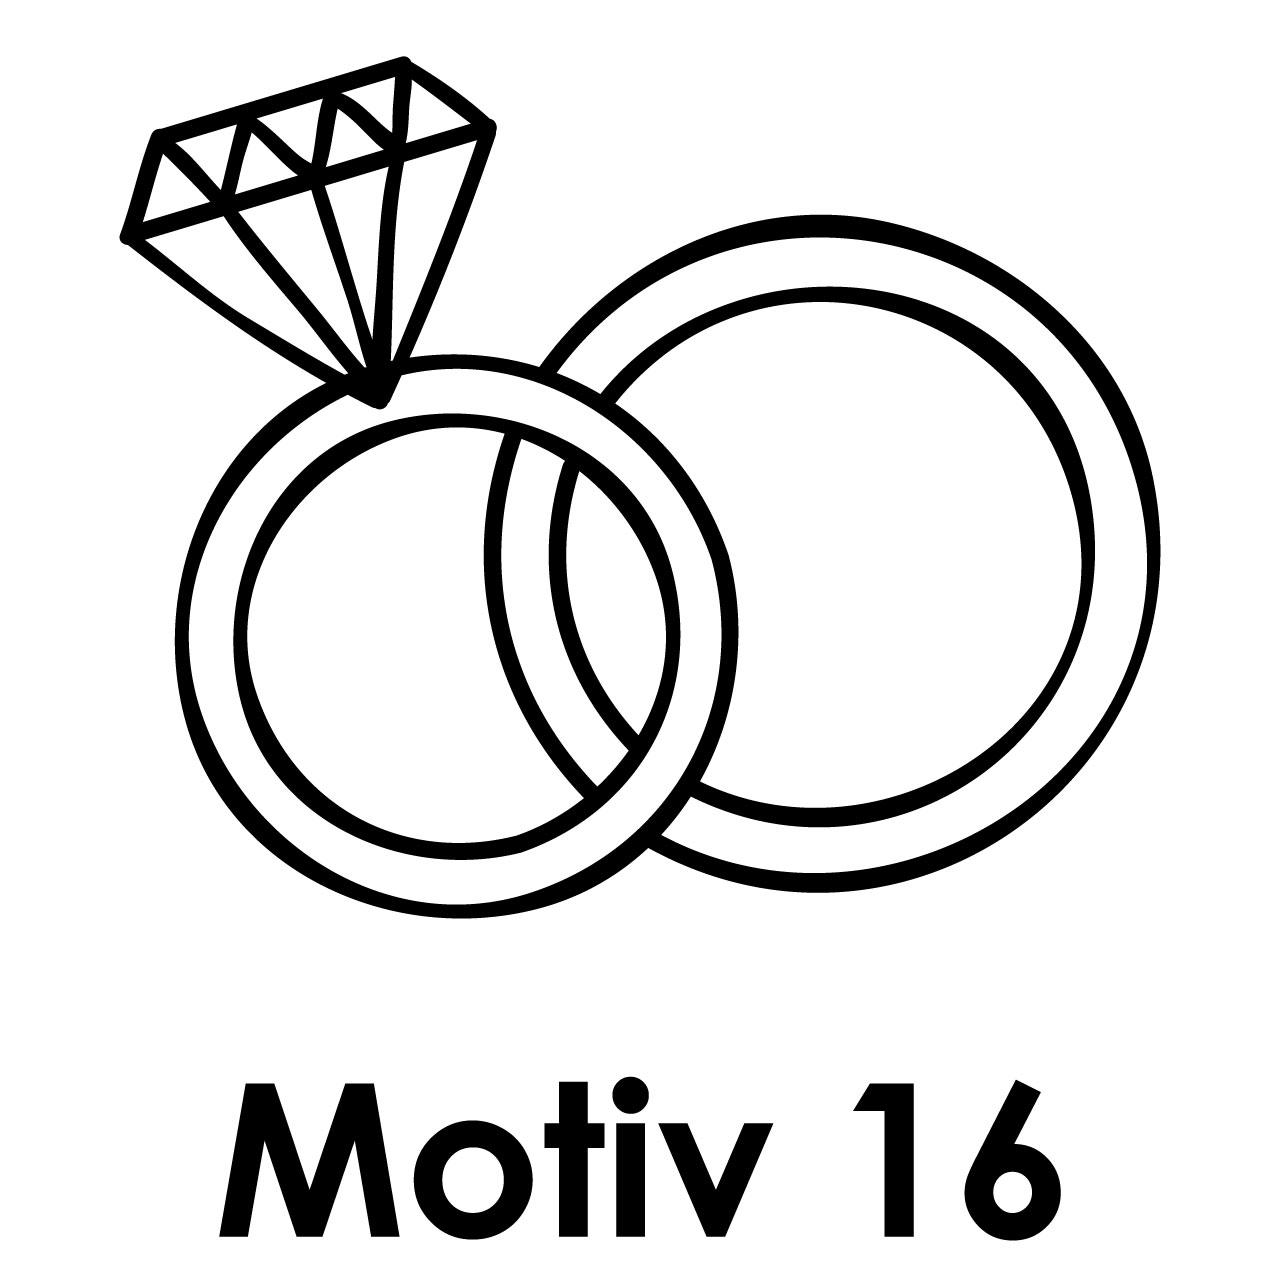 Motiv16